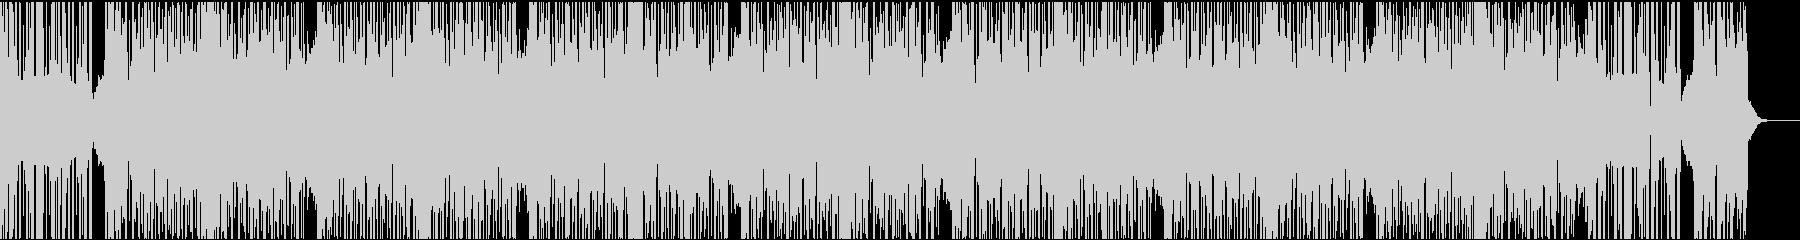 12秒でサビ、ダークエレクトロの未再生の波形